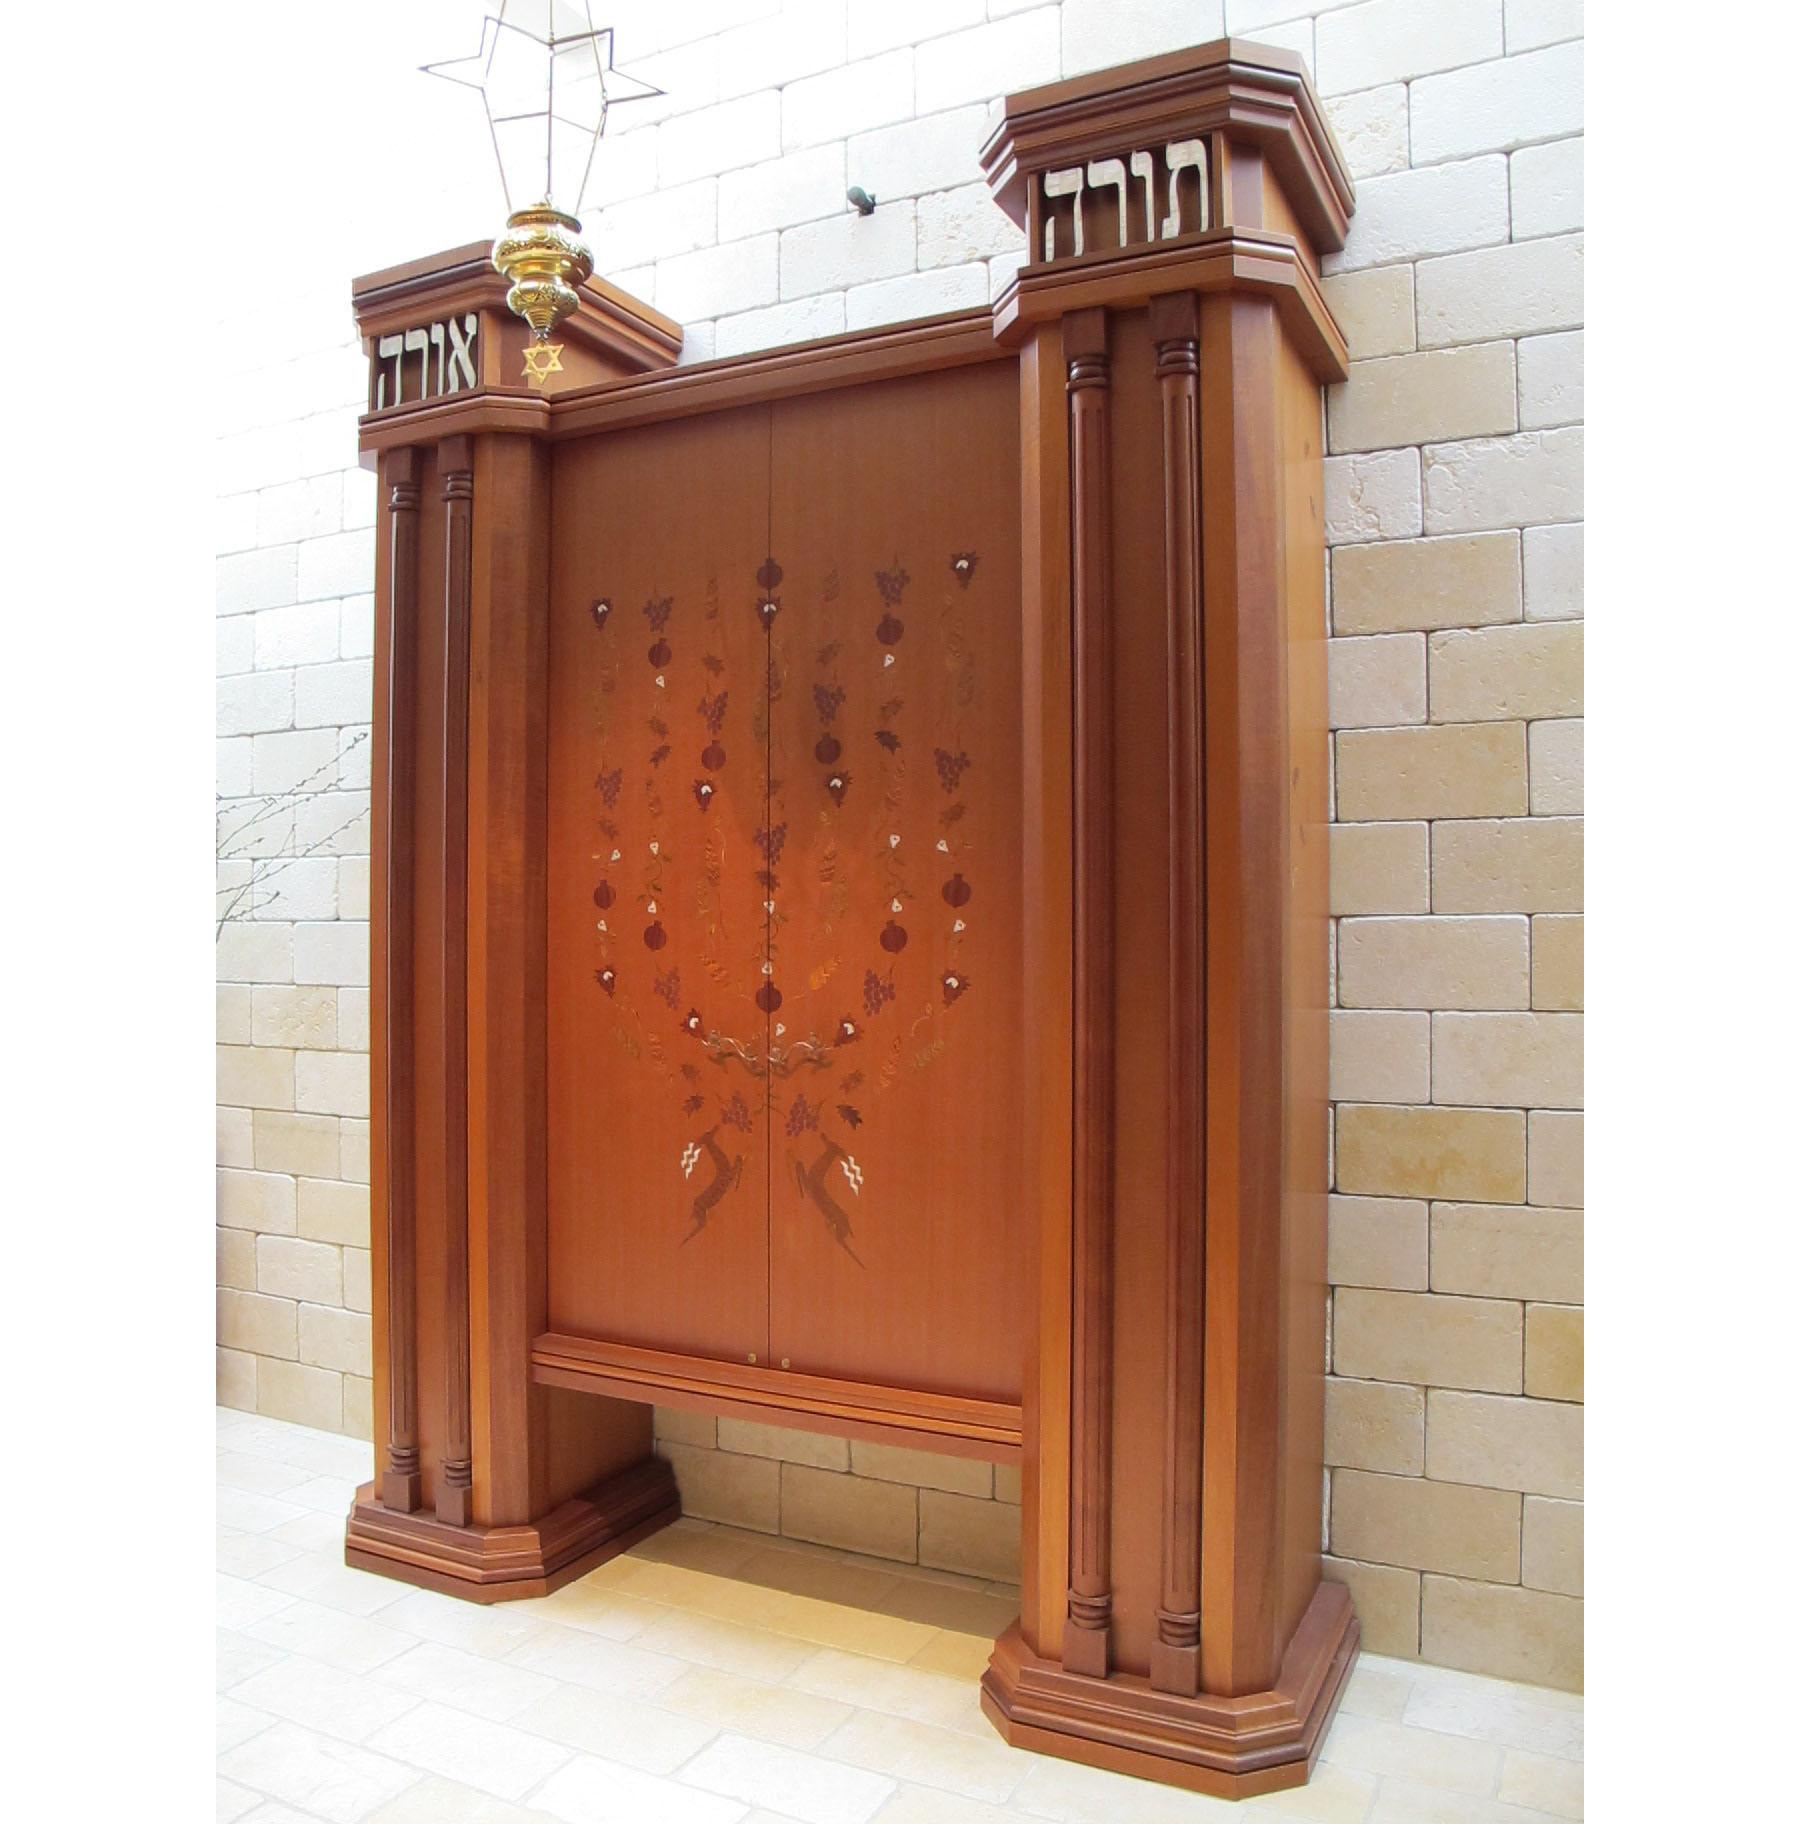 Torah Ark at Brooklyn Heights Synagogue